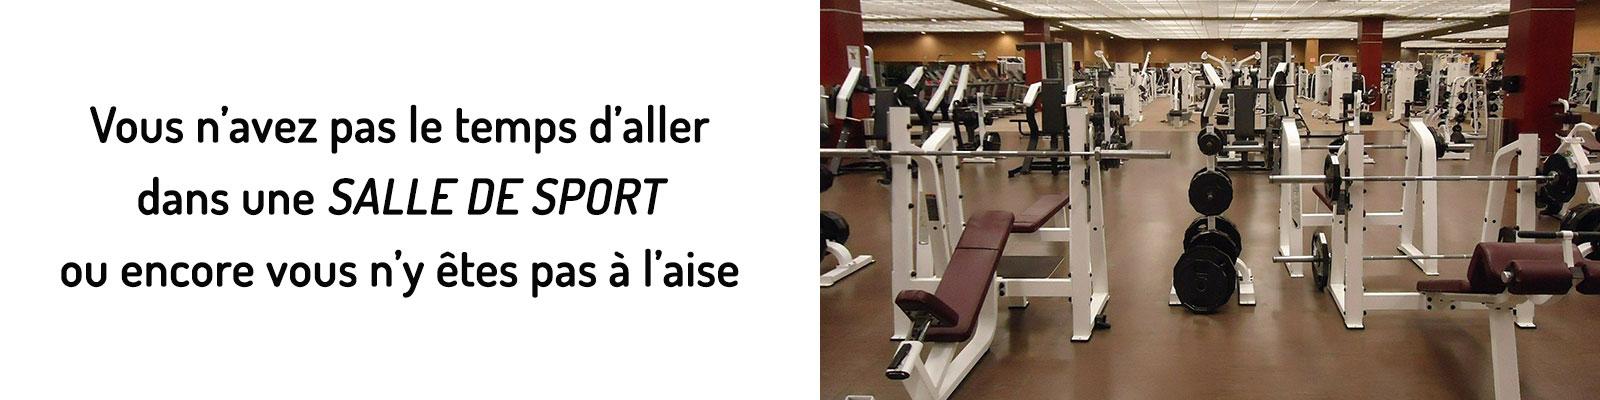 salle de sport pour remise en forme avec coach sportif Toulouse